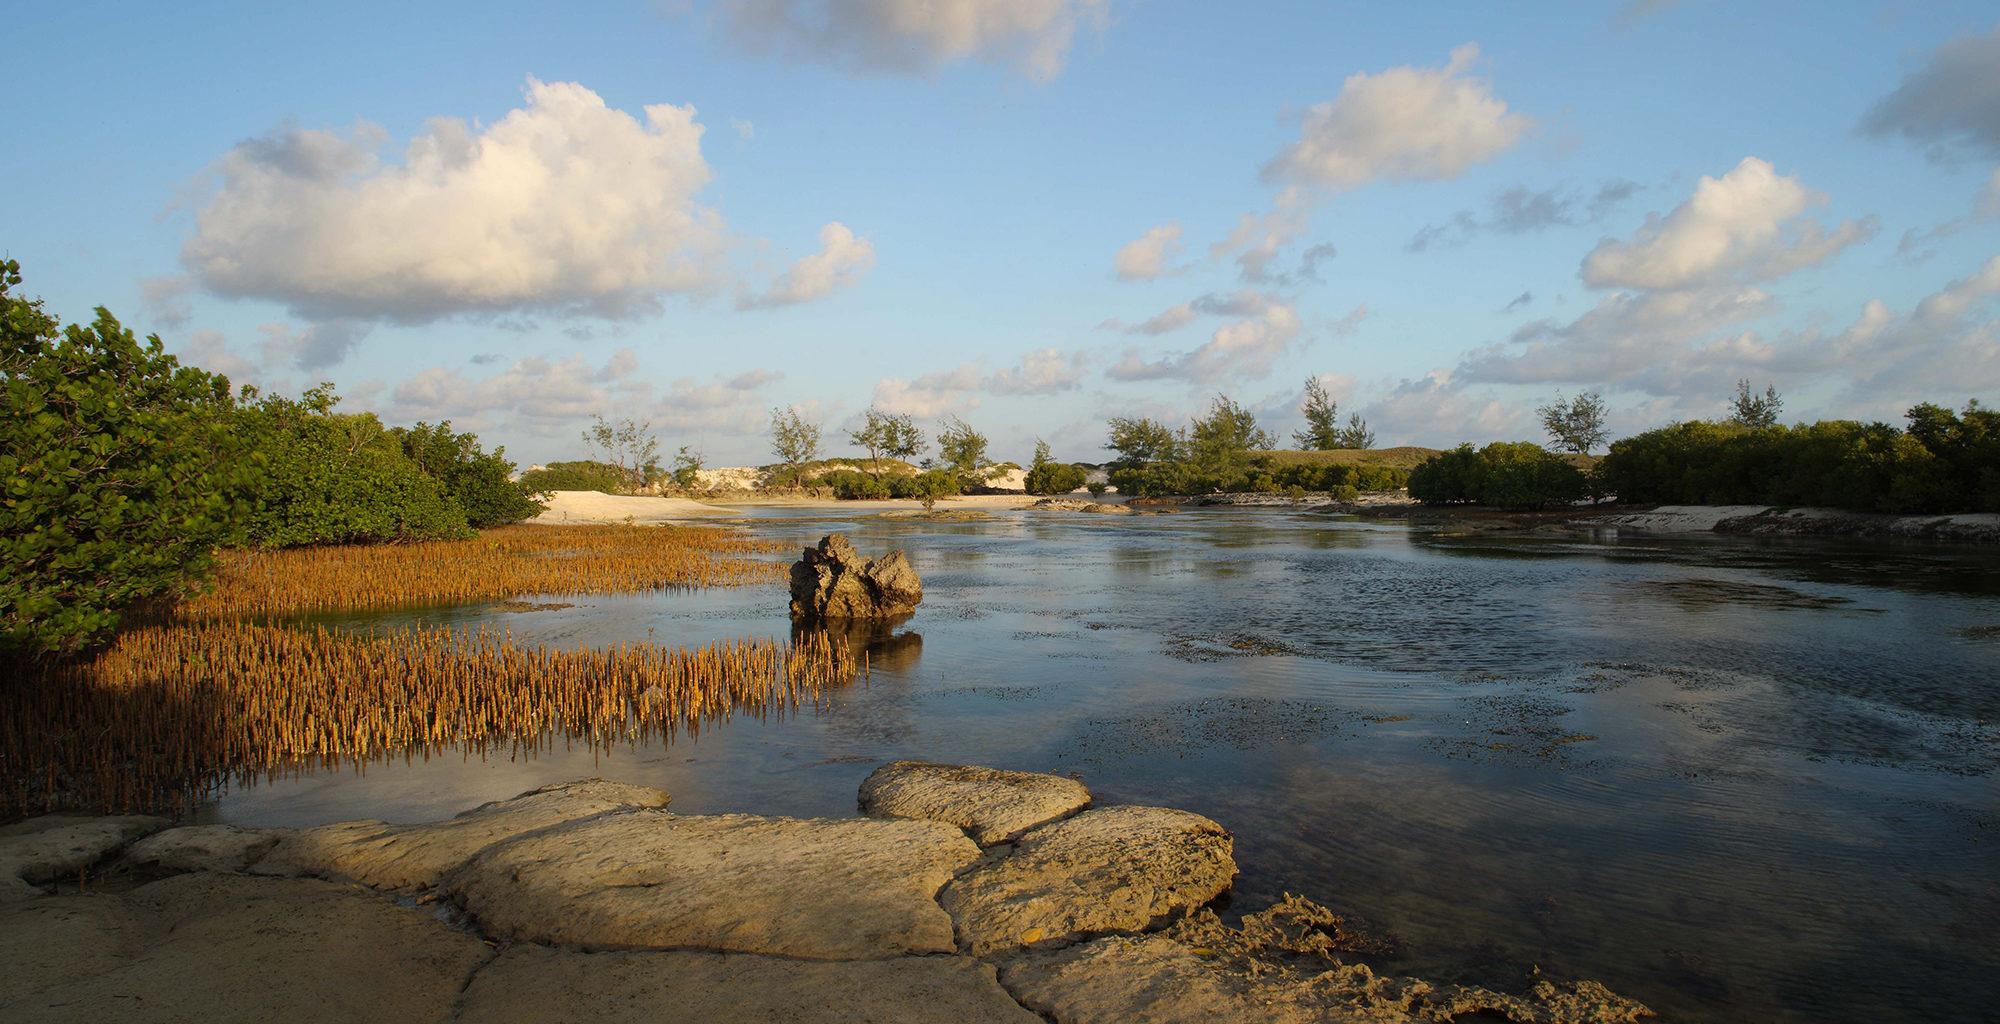 Illha-de-Mozambique-Nampula-River